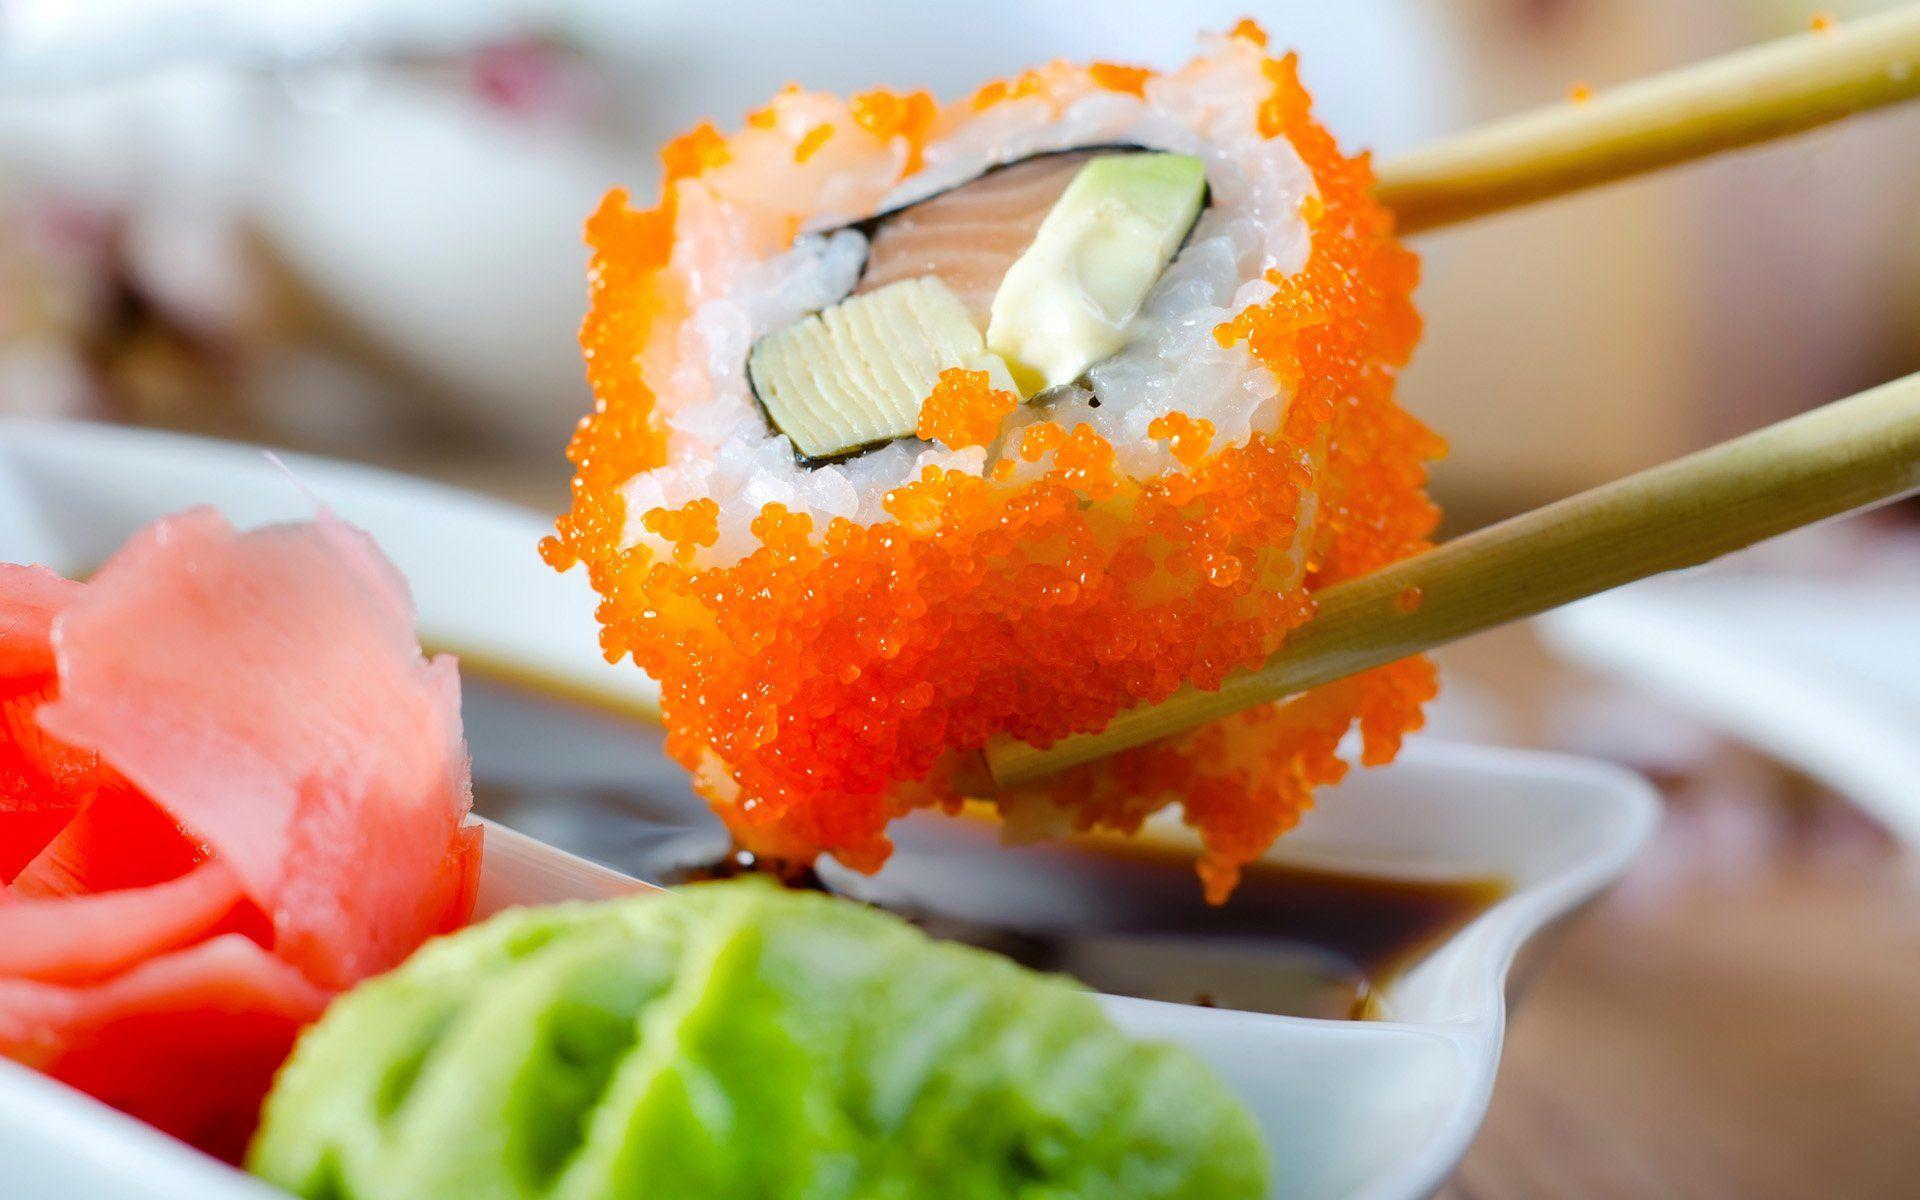 sushi pics and names